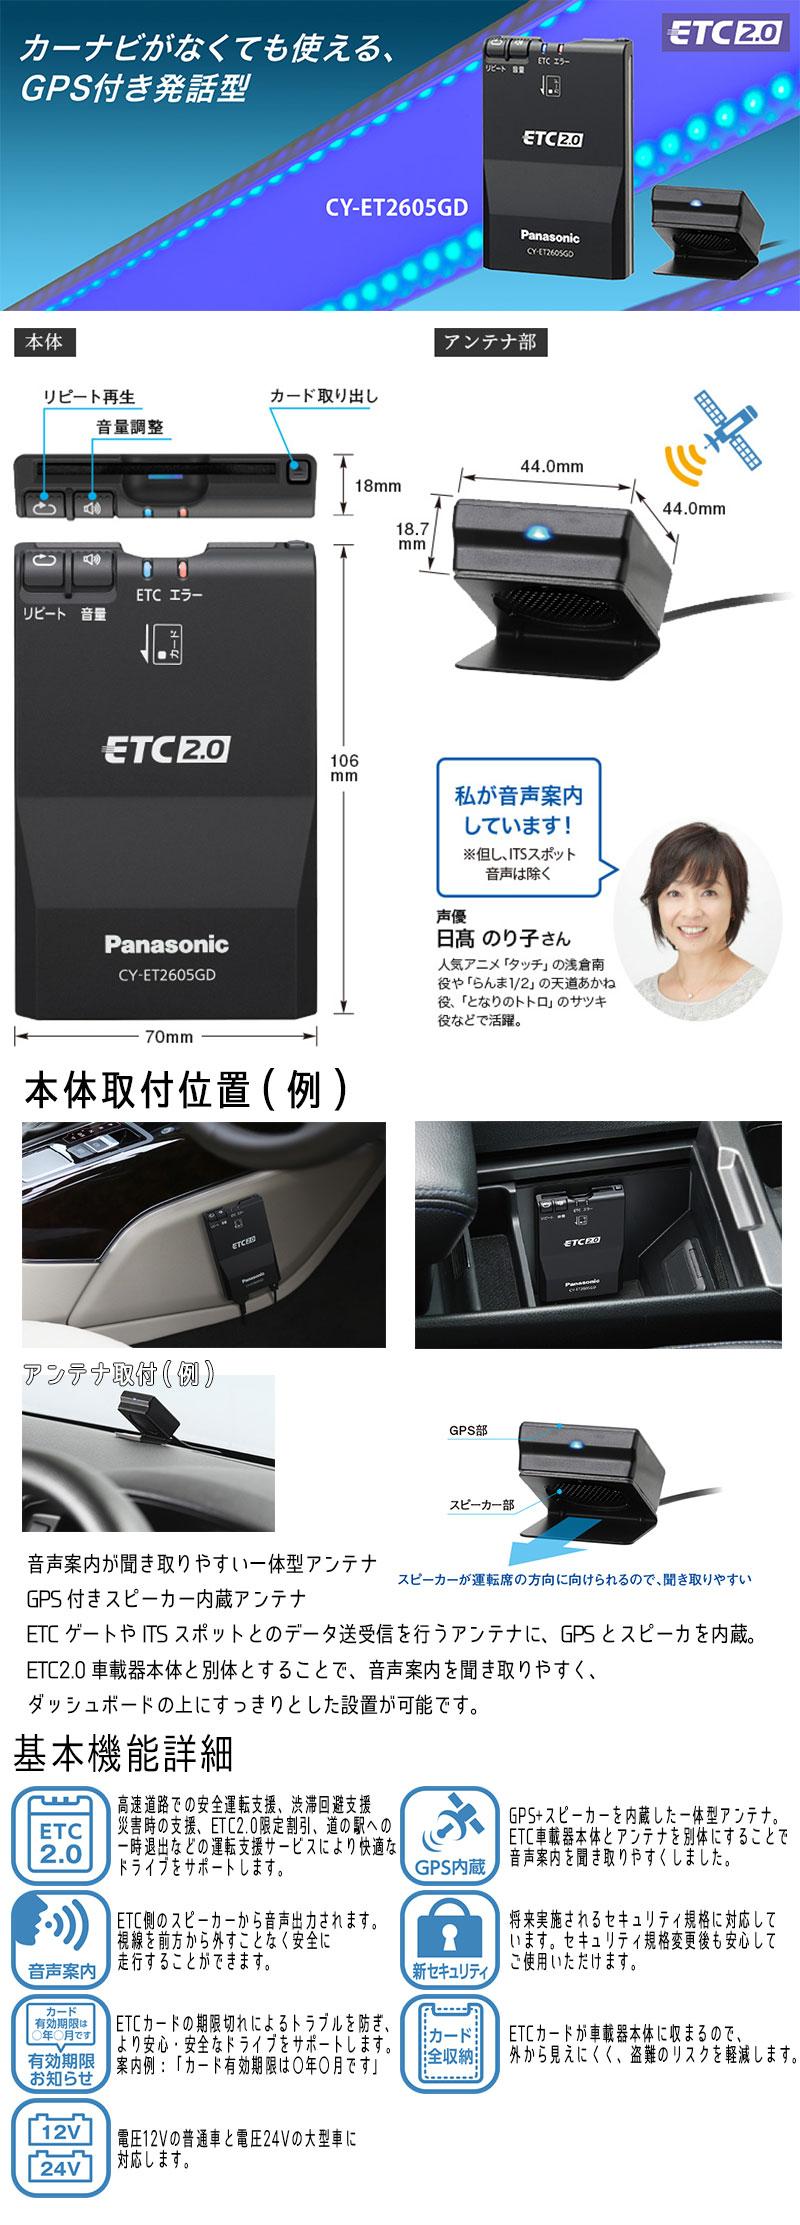 CY-ET2605GD